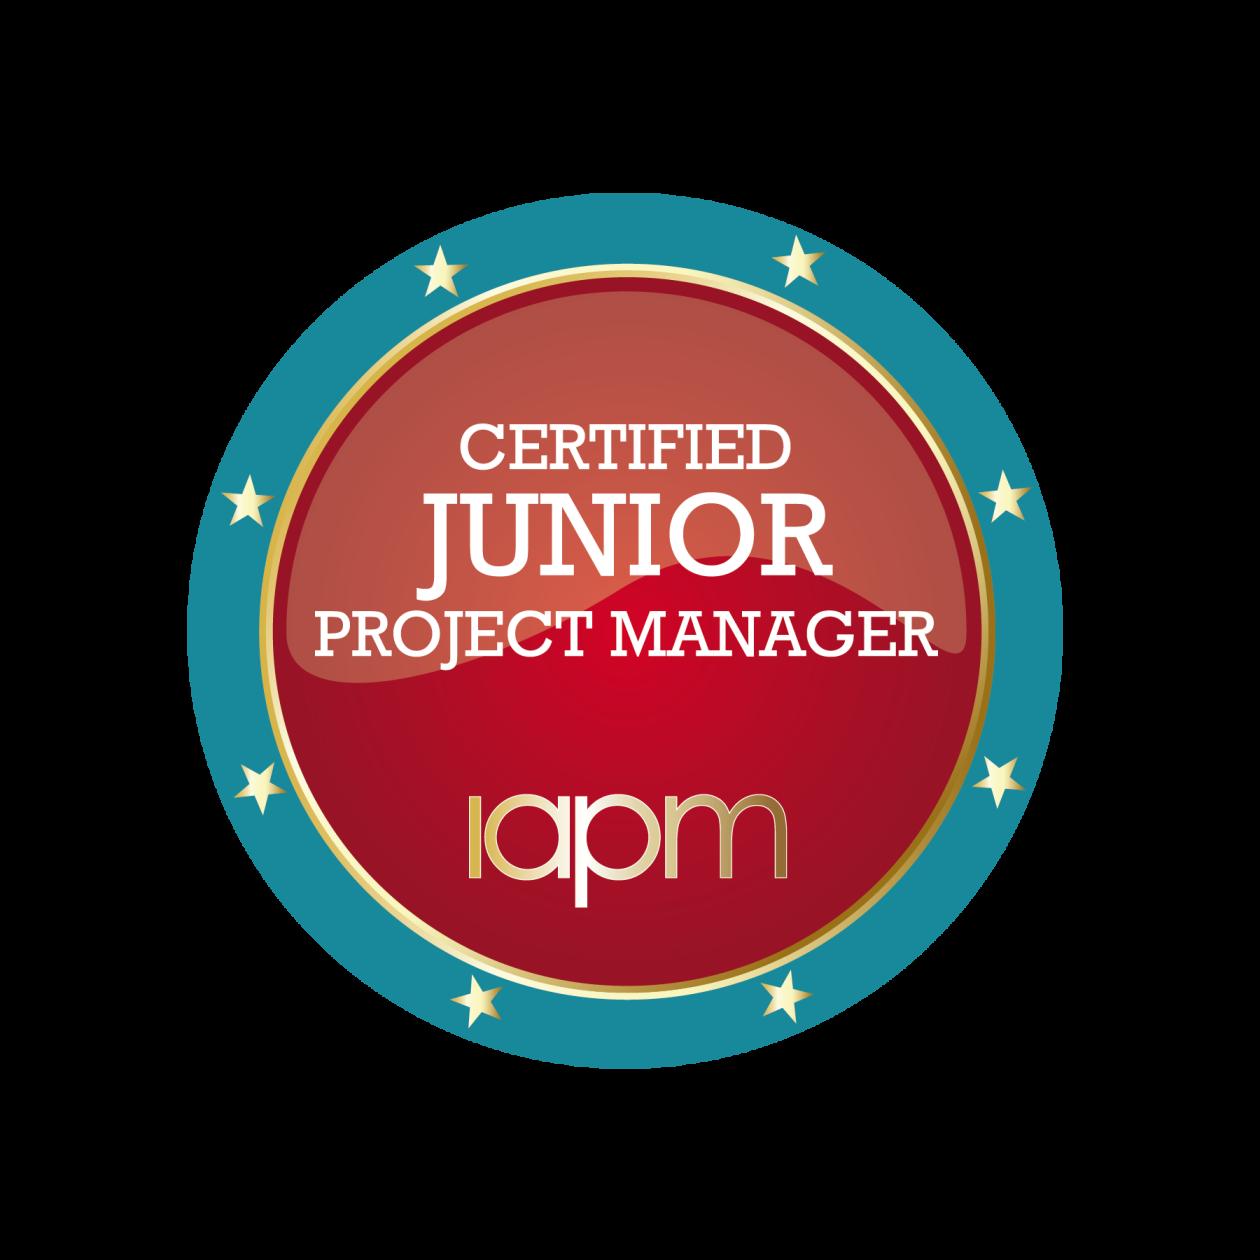 Alle Informationen rund um die Certified Junior Project Manager (IAPM) Zertifizierung